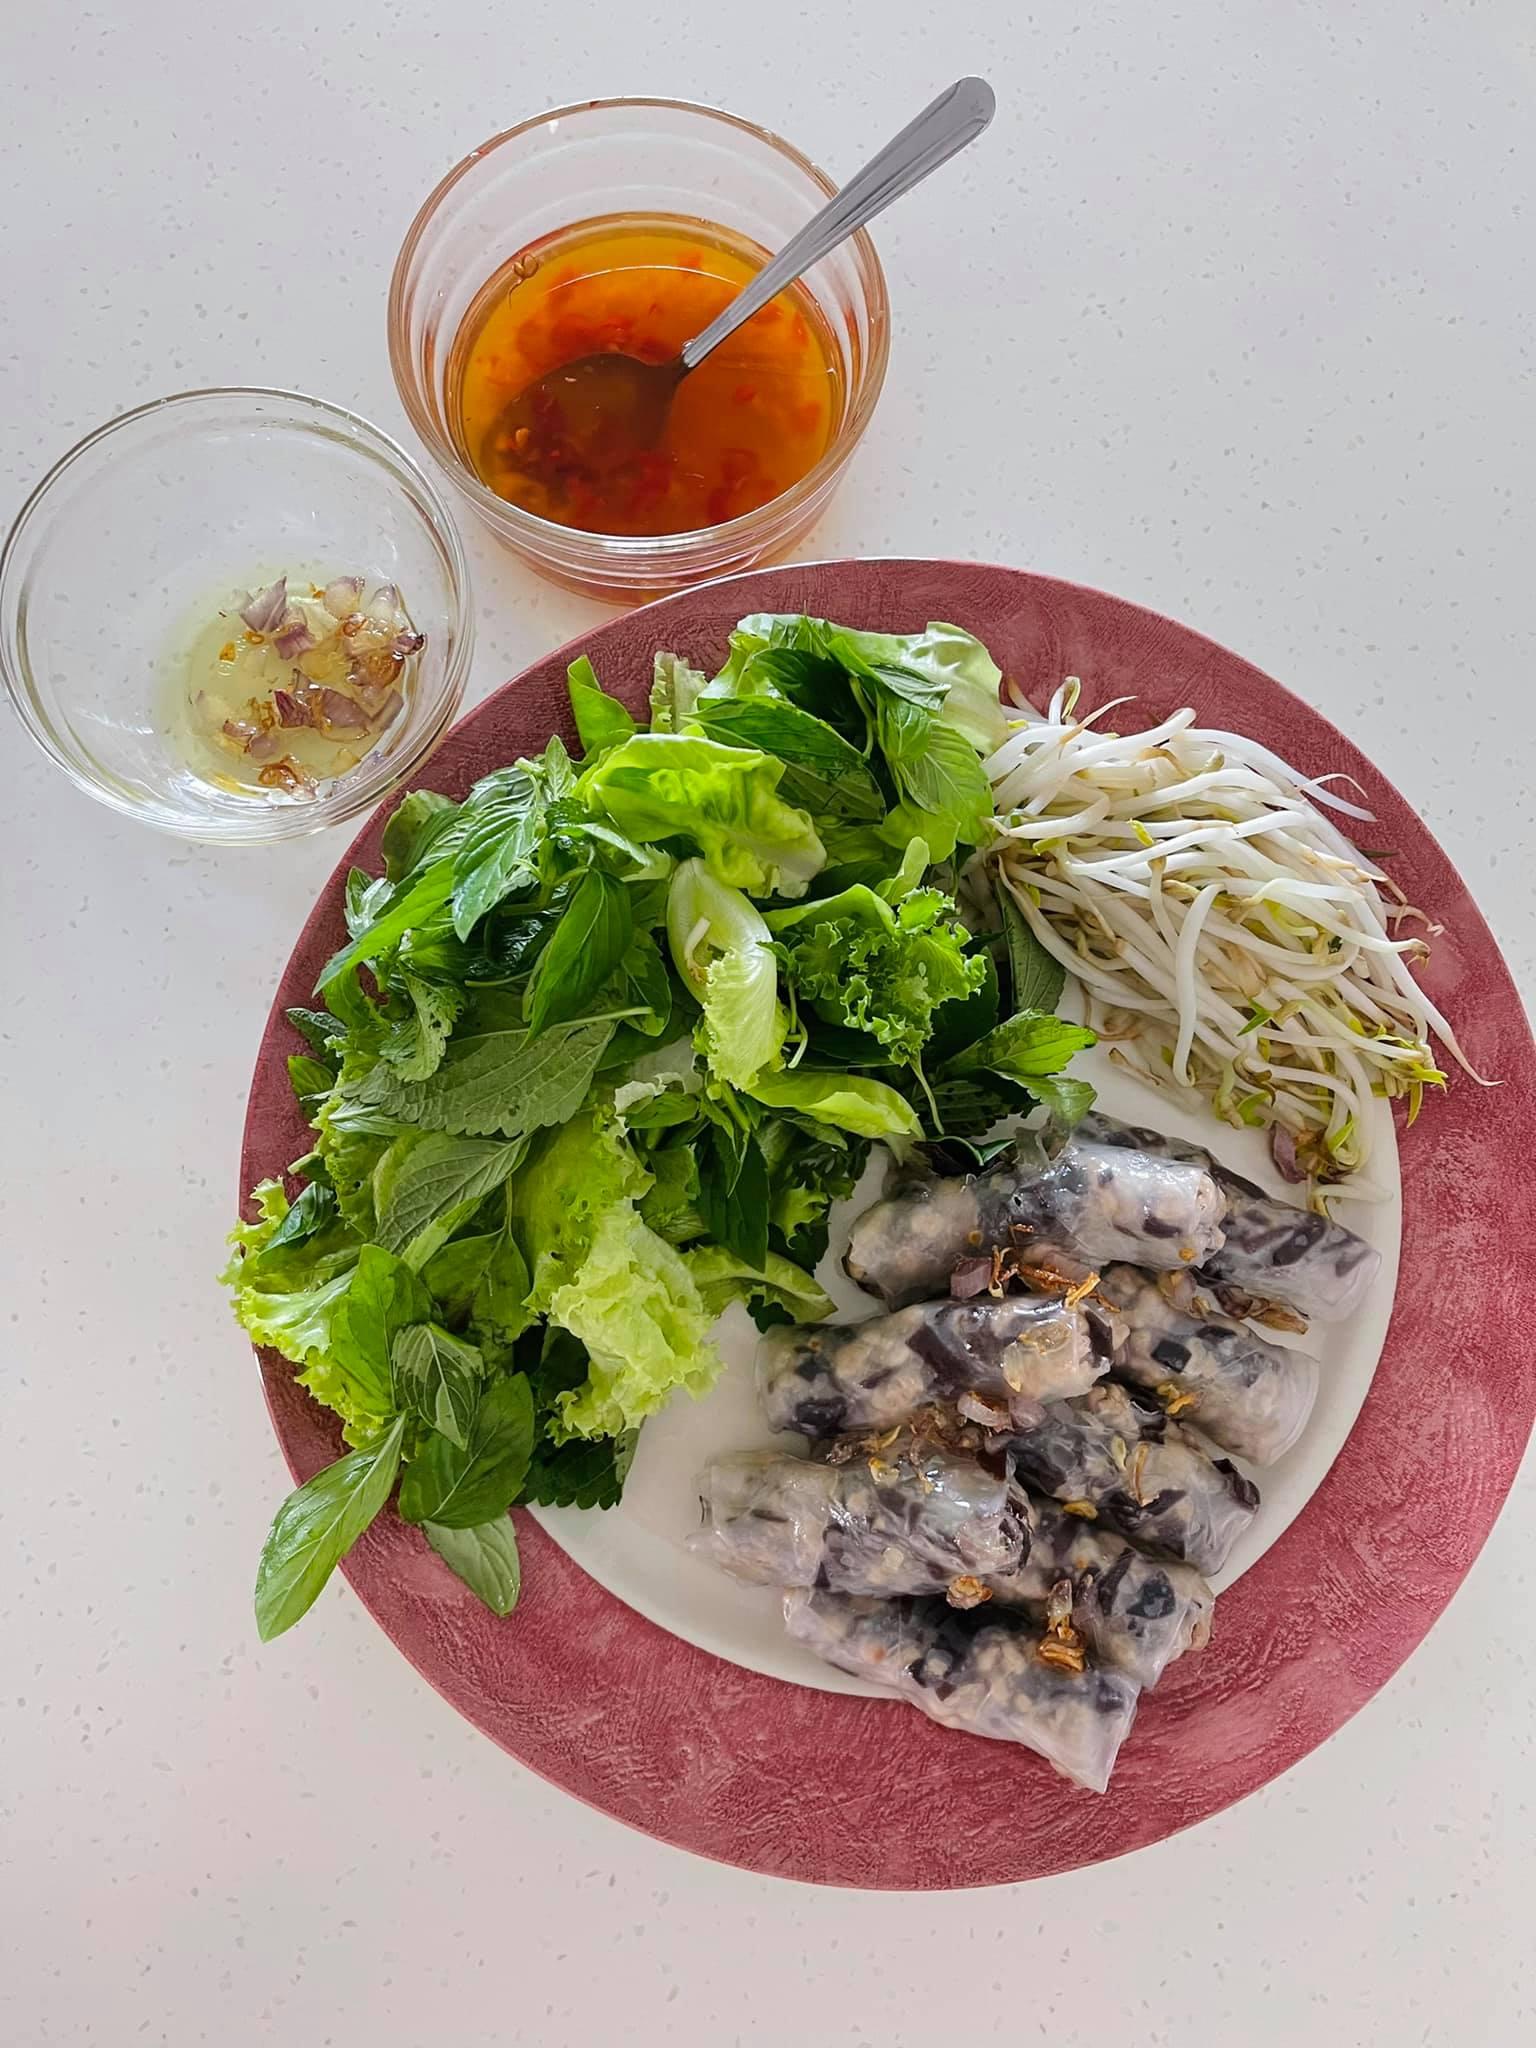 Bánh cuốn ăn với nước mắm, rau sống của siêu mẫu.